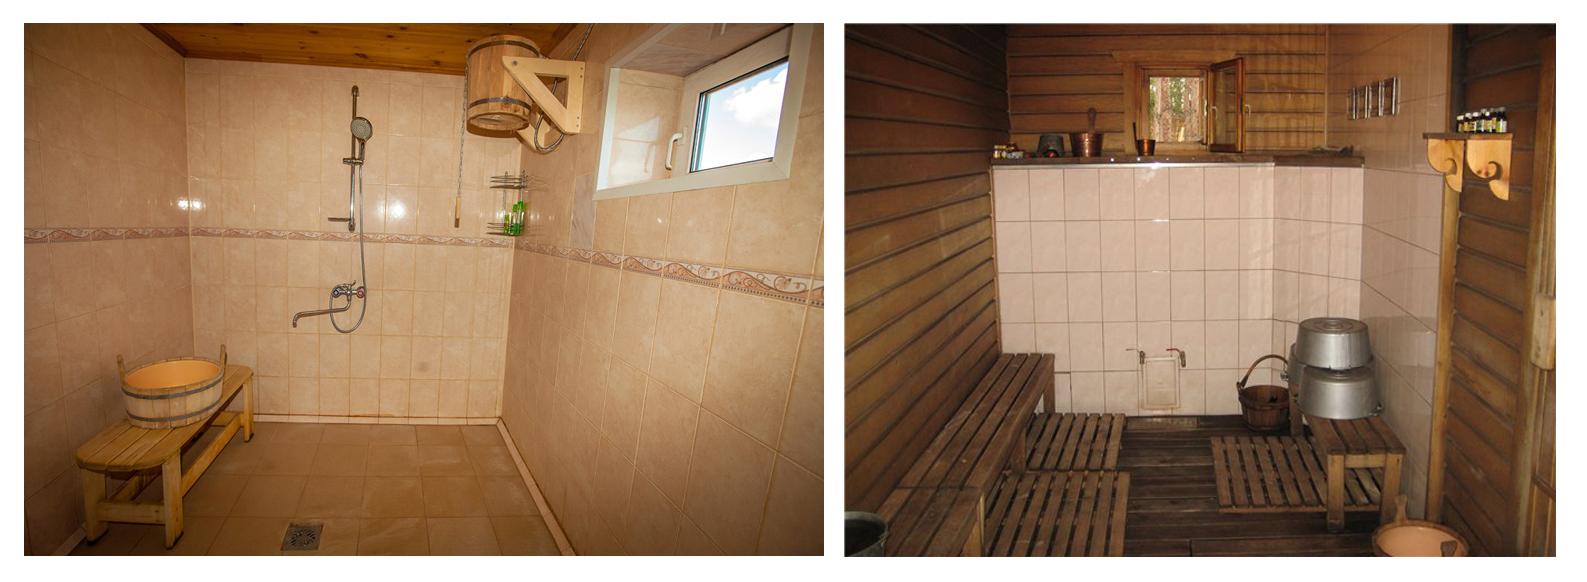 Моечная в бане своими руками 83